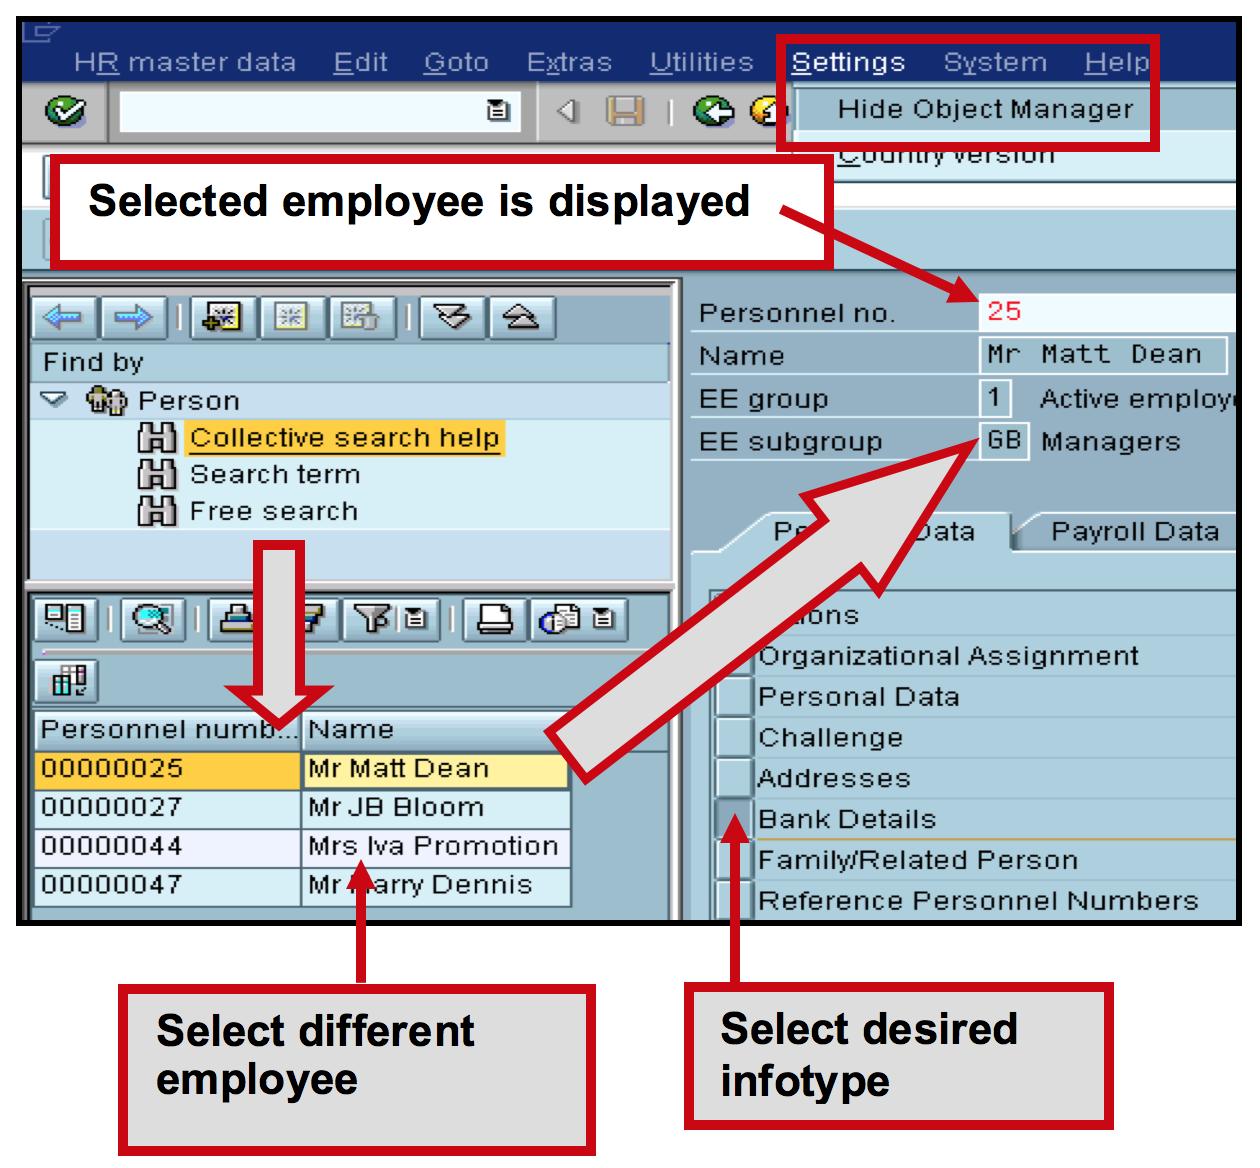 Infotype selection per employee